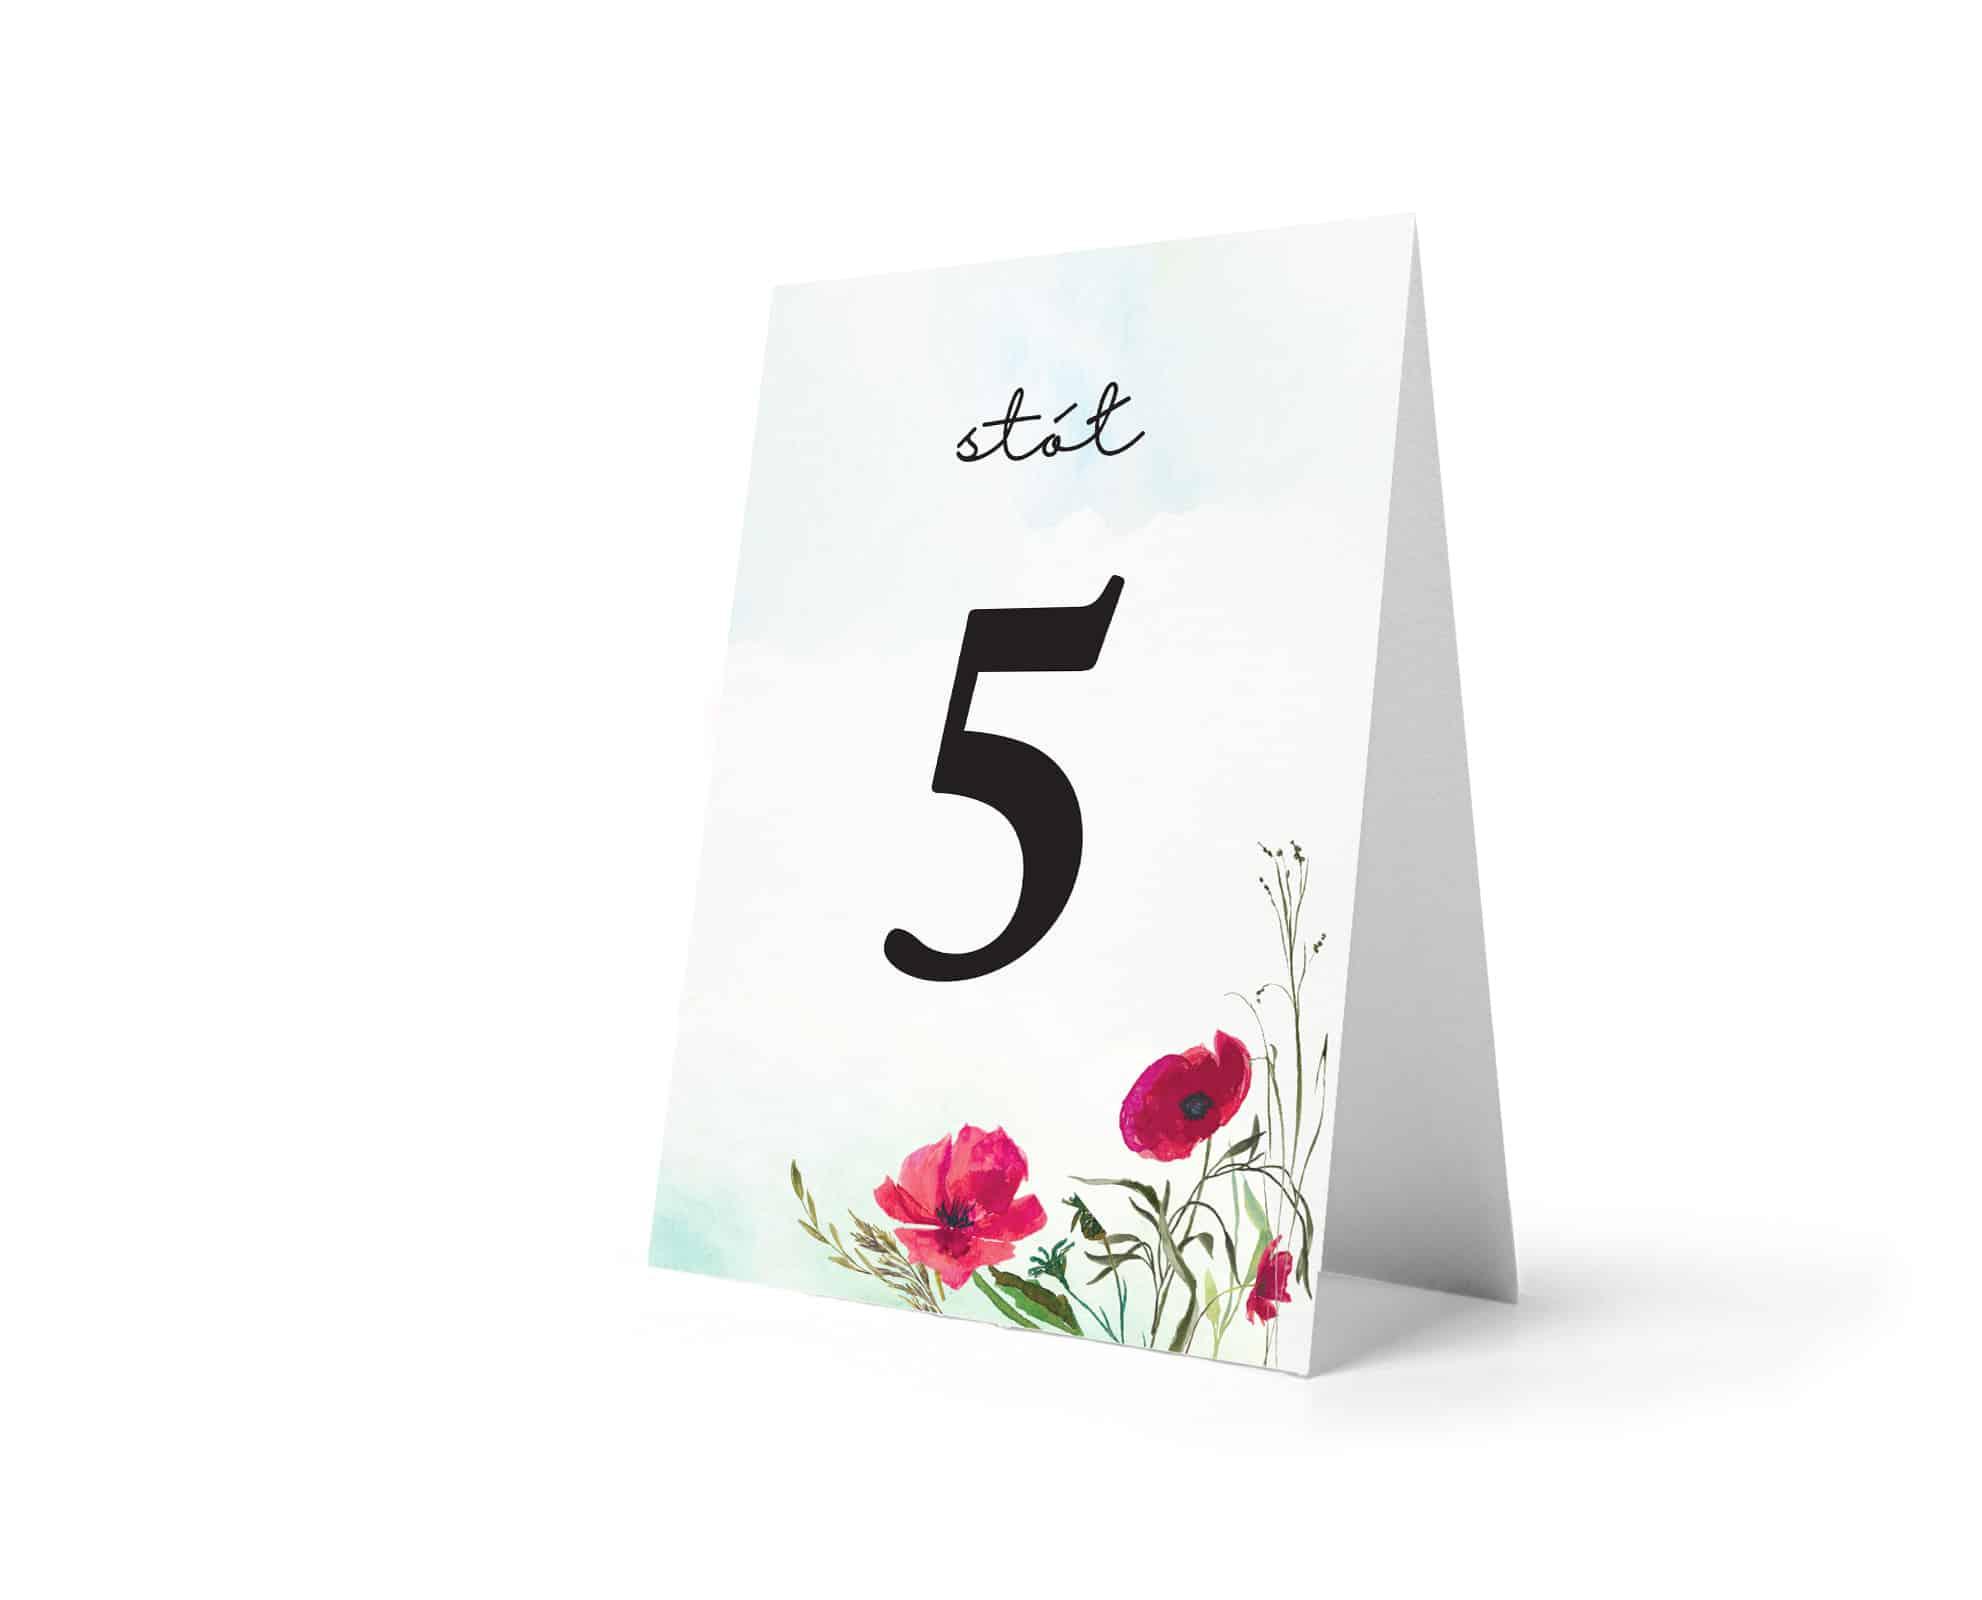 Numery stołów z kwiatami maków i dużą cyfrą